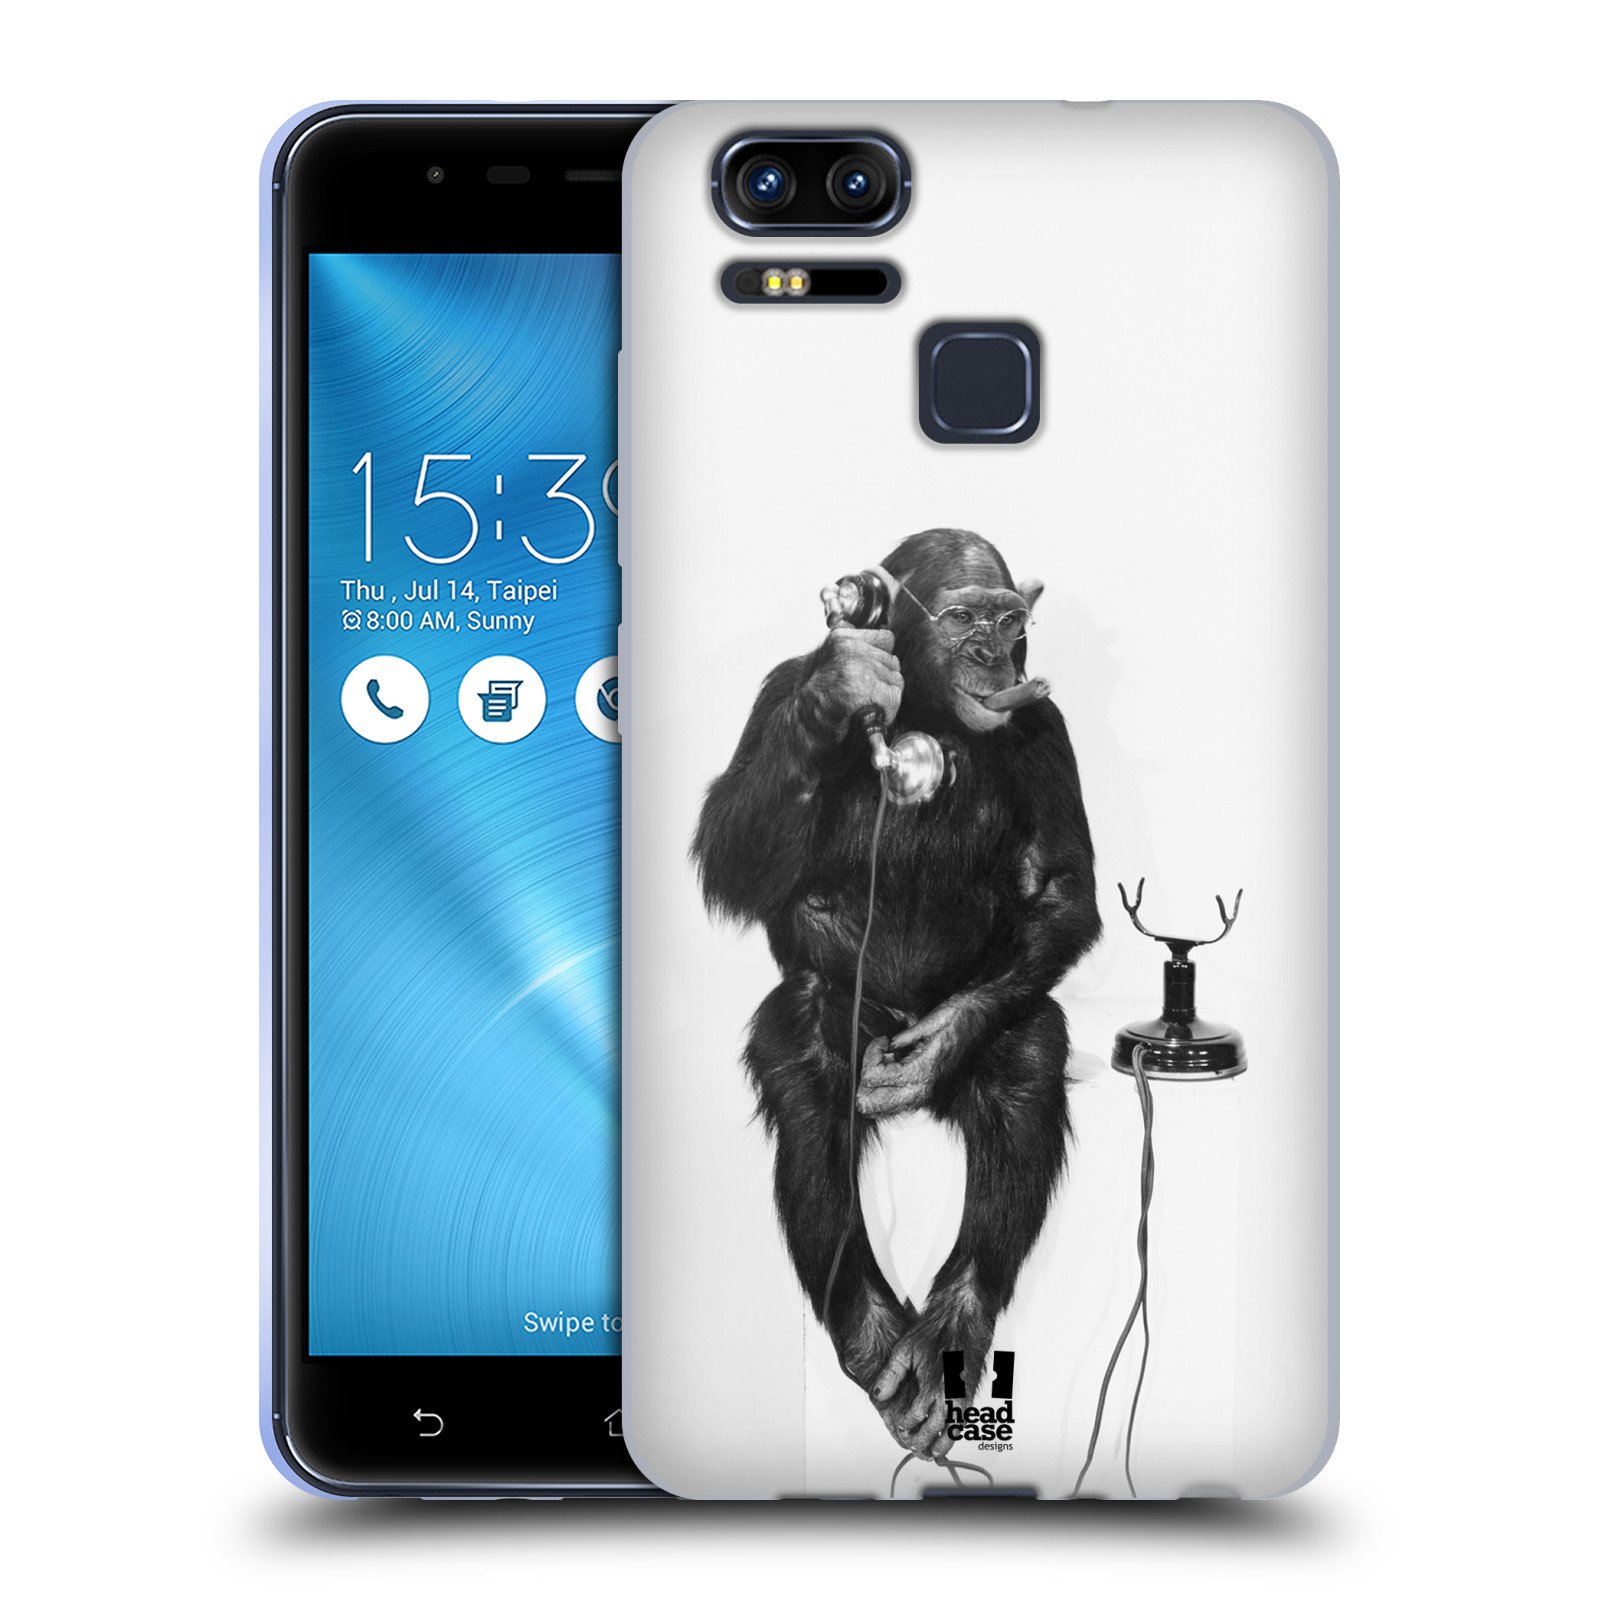 Silikonové pouzdro na mobil Asus ZenFone 3 ZOOM ZE553KL - Head Case - OPIČÁK S TELEFONEM (Silikonový kryt či obal na mobilní telefon Asus ZenFone 3 ZOOM ZE553KL s motivem OPIČÁK S TELEFONEM)